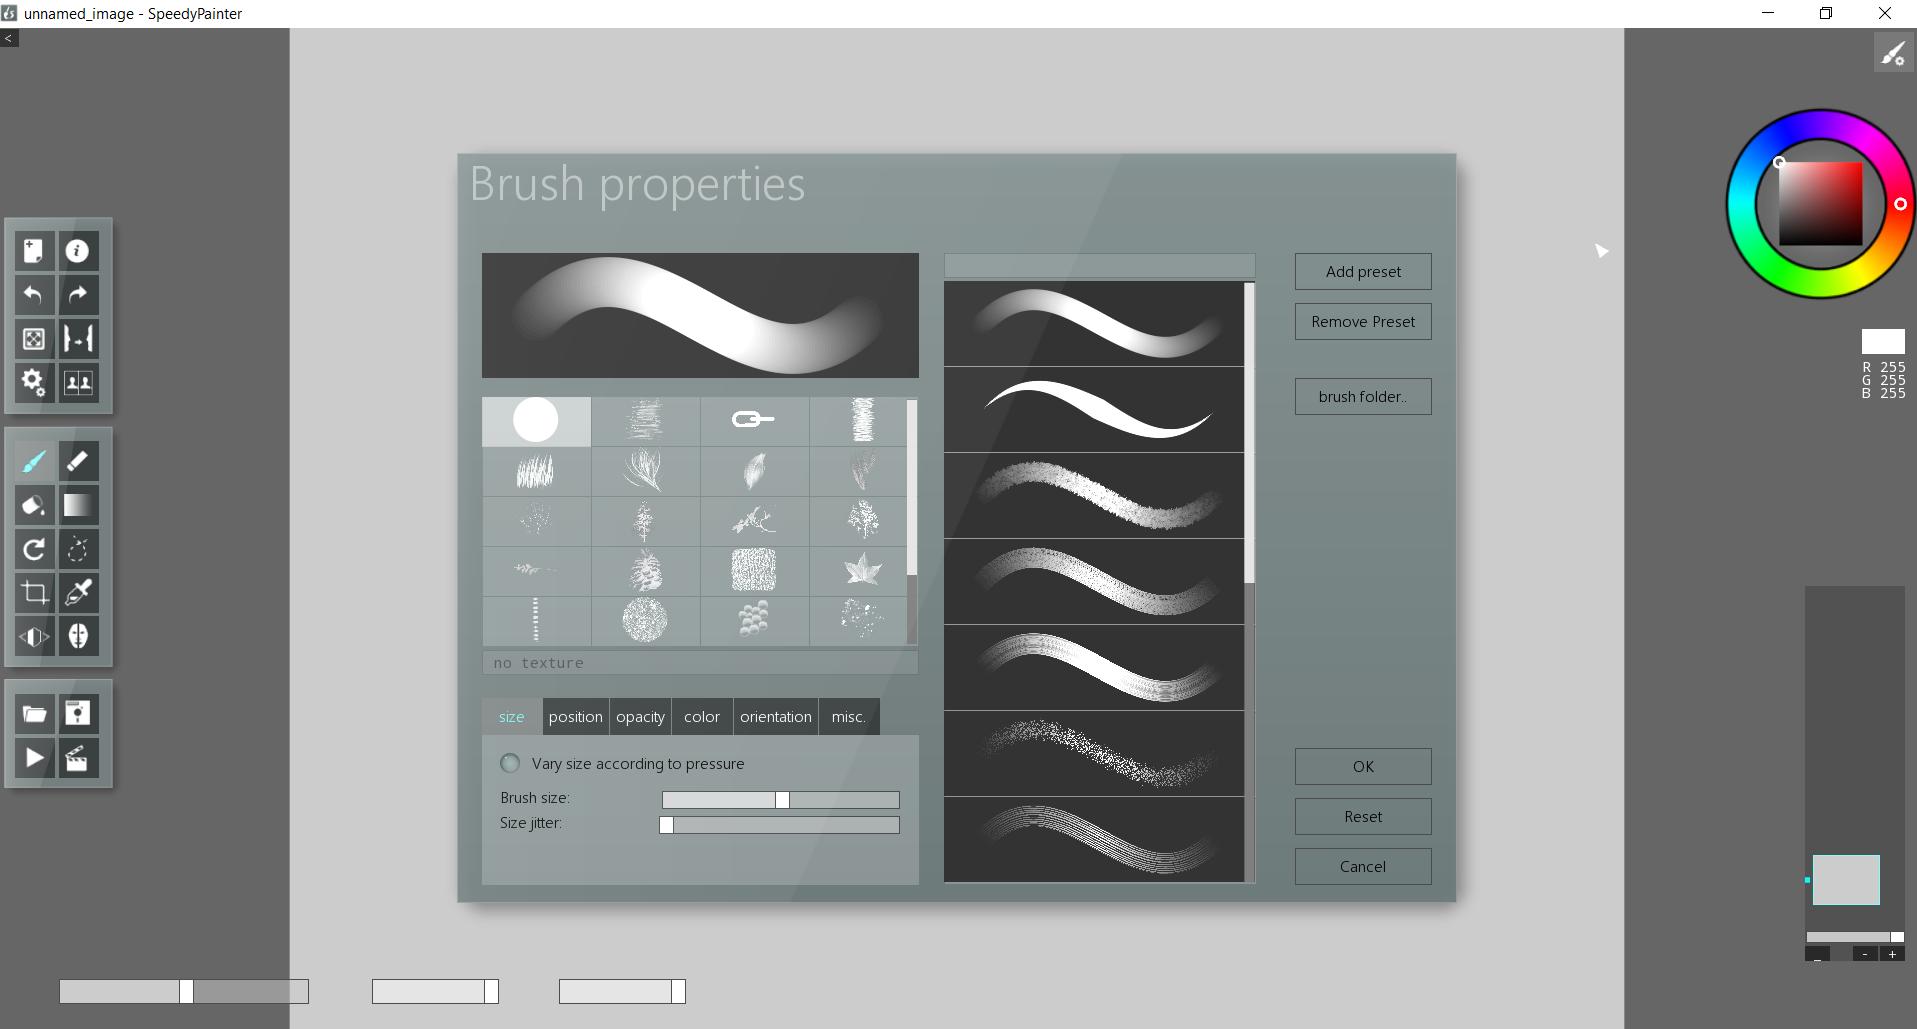 Brush window